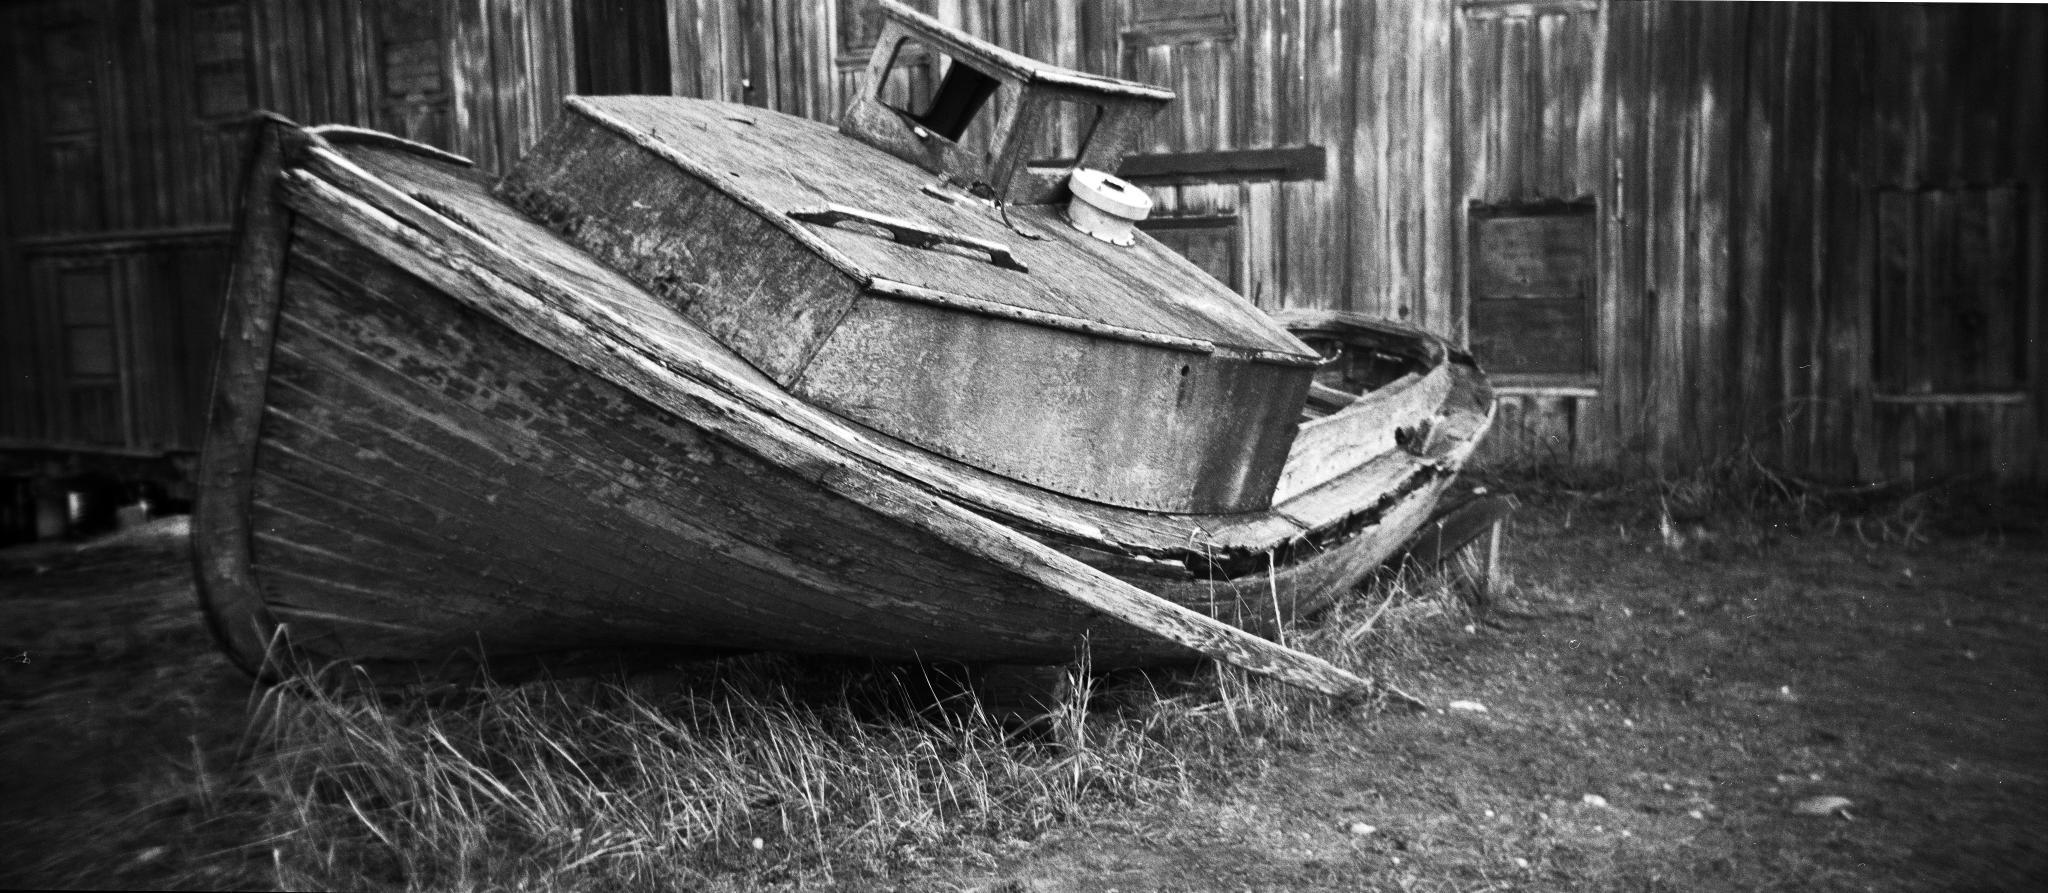 Holga 120Pan boat